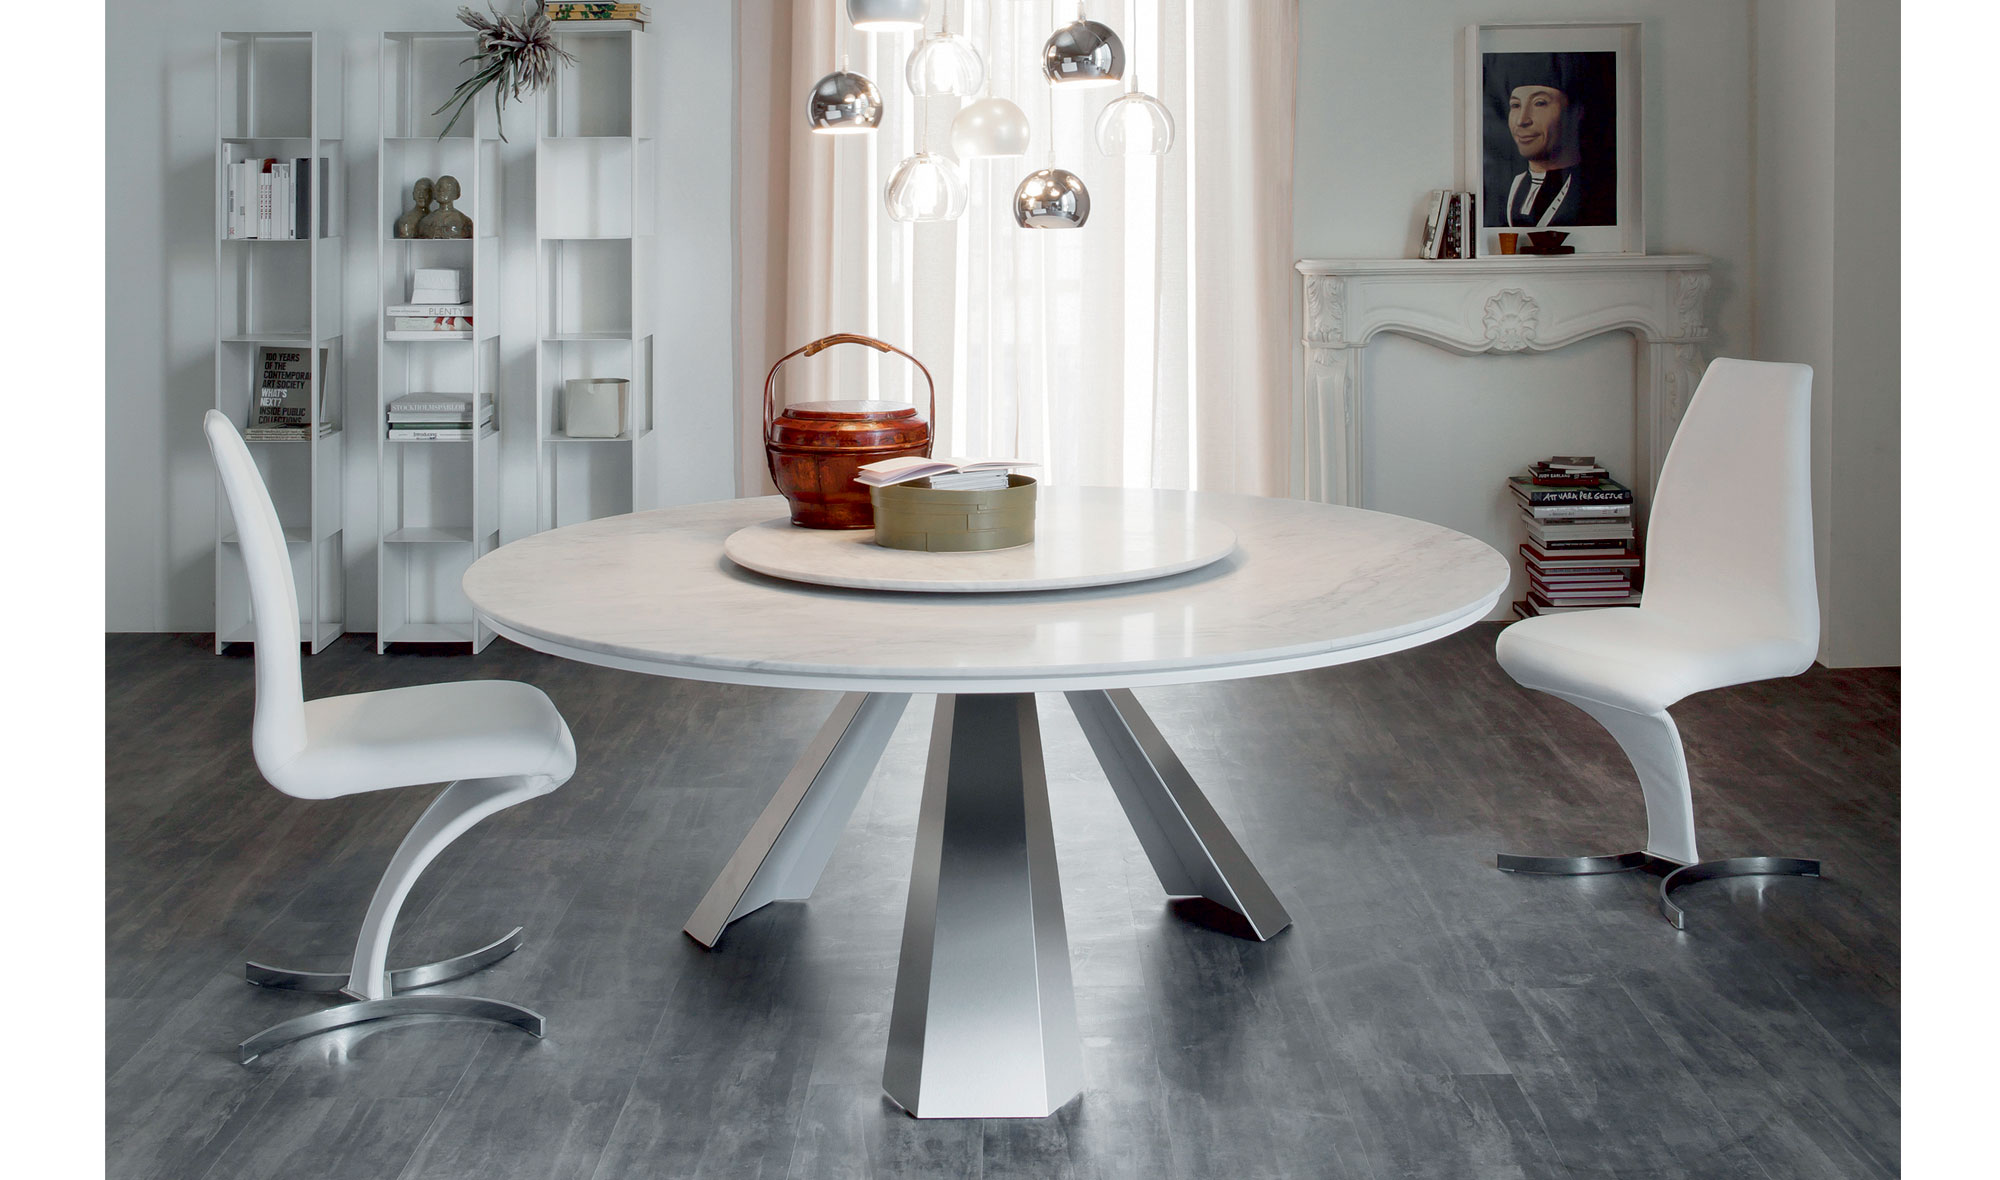 Mesa de comedor redonda moderna eliot cattelan en - Mesas redondas modernas ...